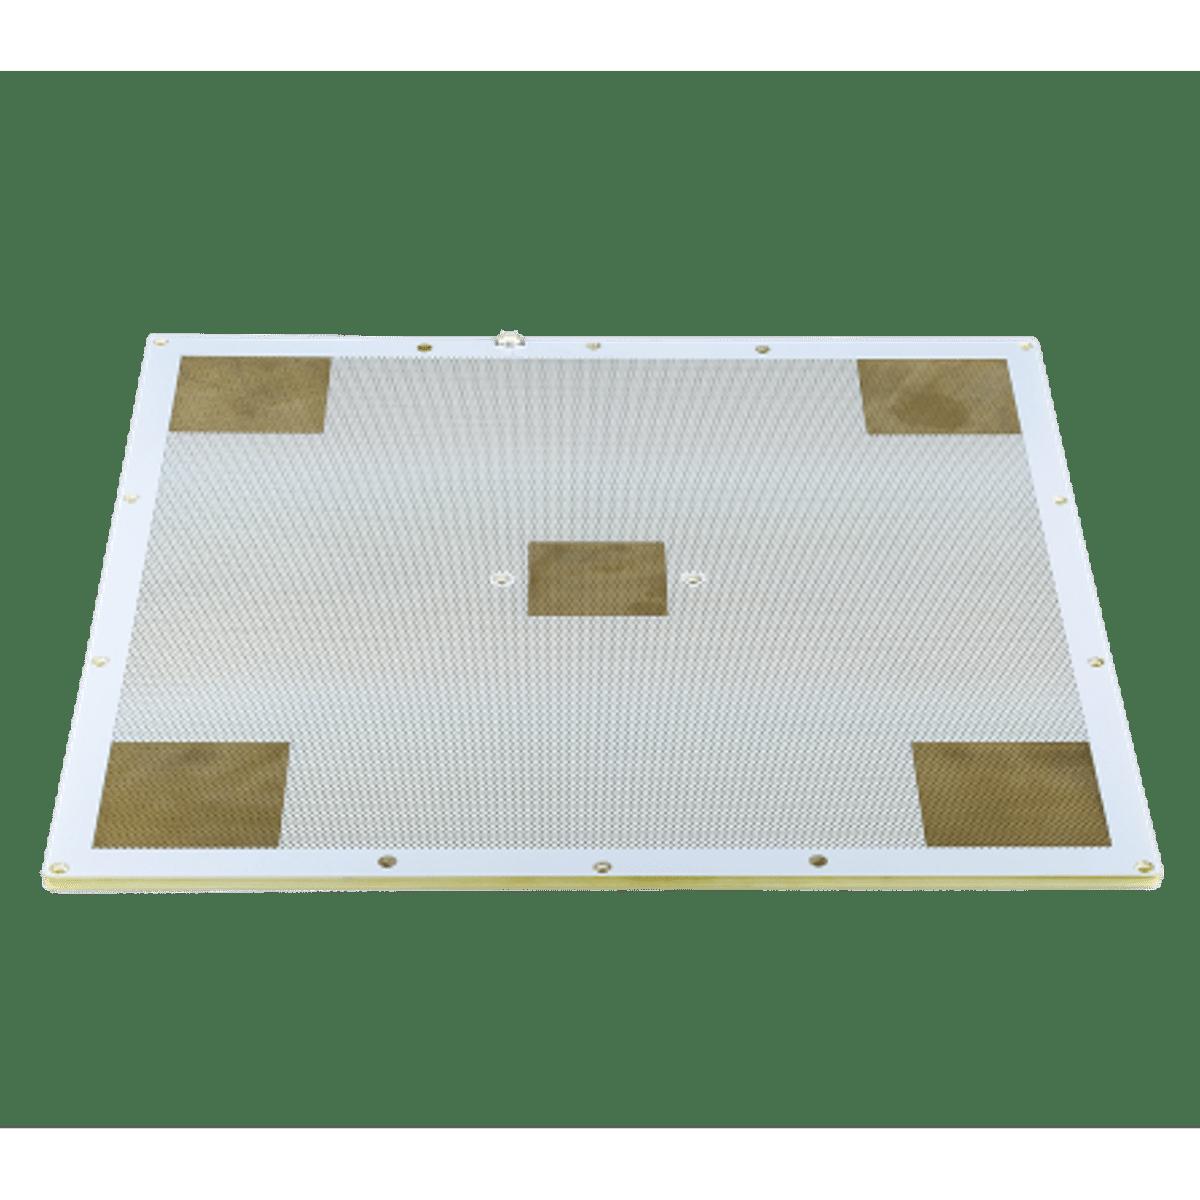 Billede af Perforated Plate V2 for Zortrax M300